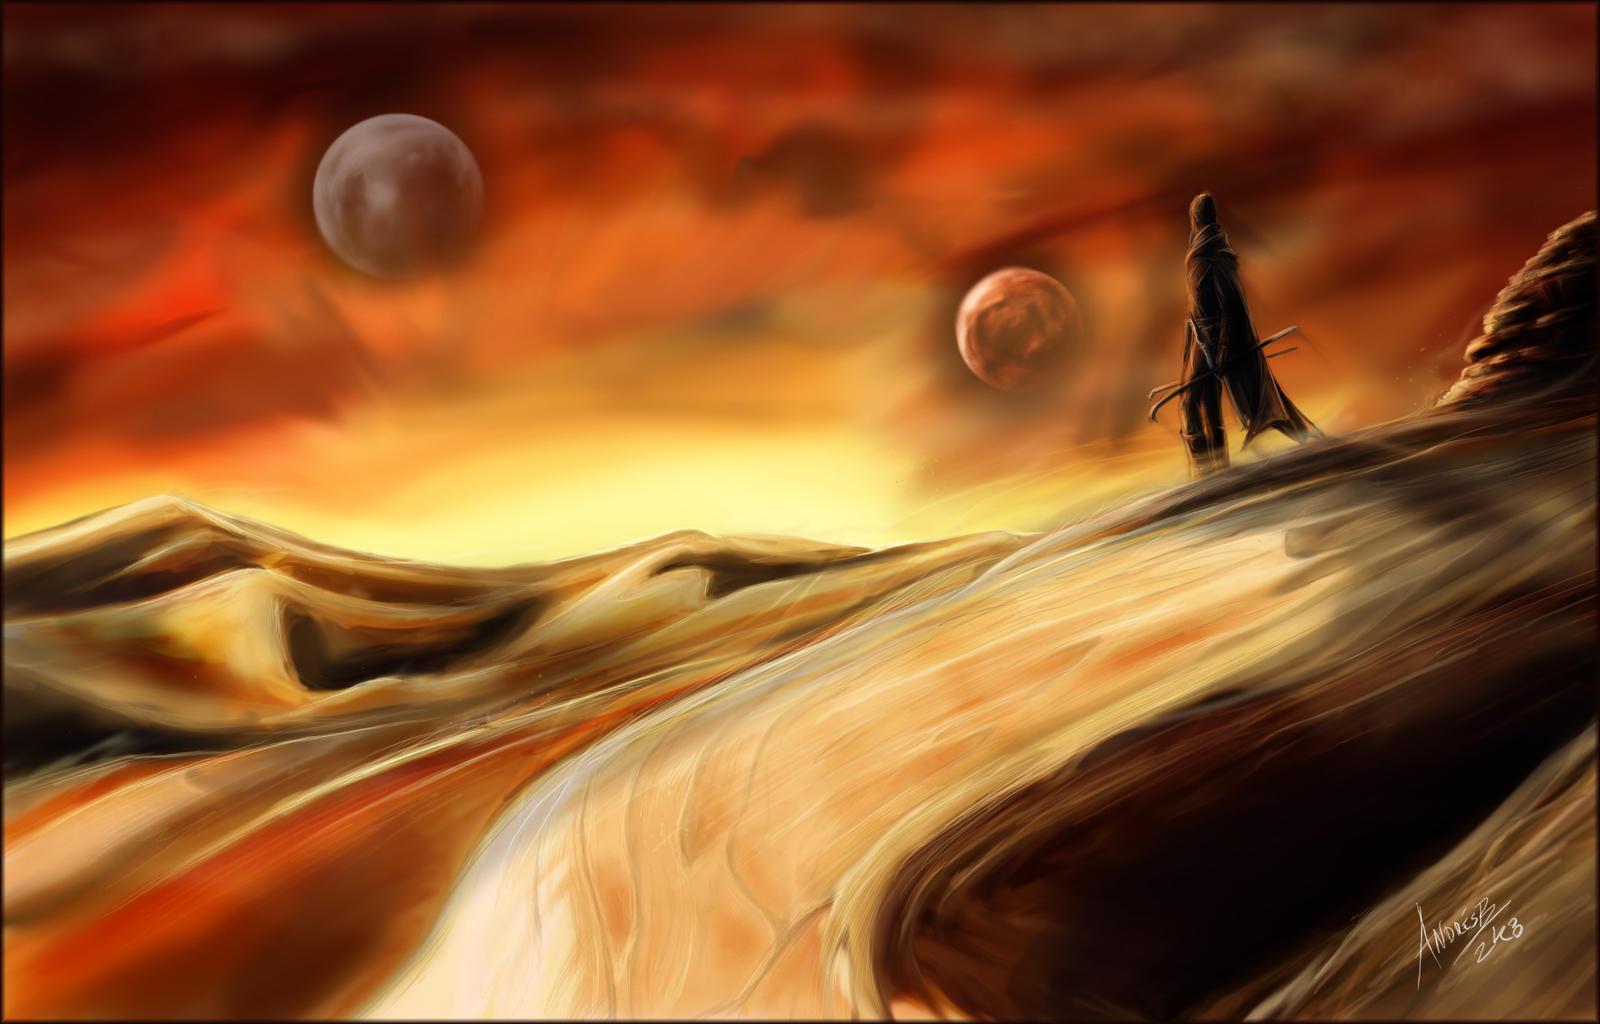 Arrakis by Andalar